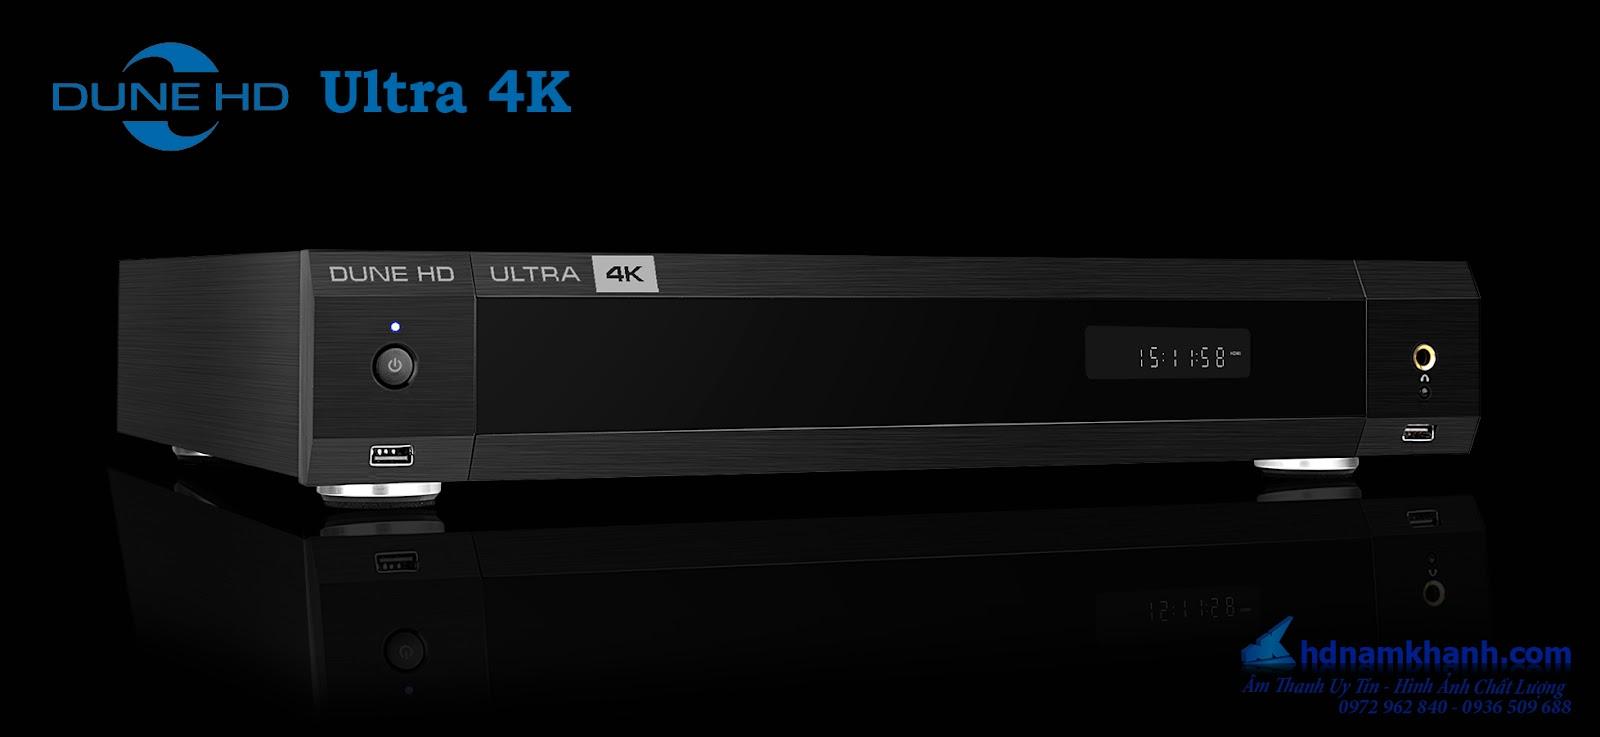 Nơi bán Đầu Dune HD Ultra 4K Chính hãng Giá tốt nhất Hà Nội - 263047